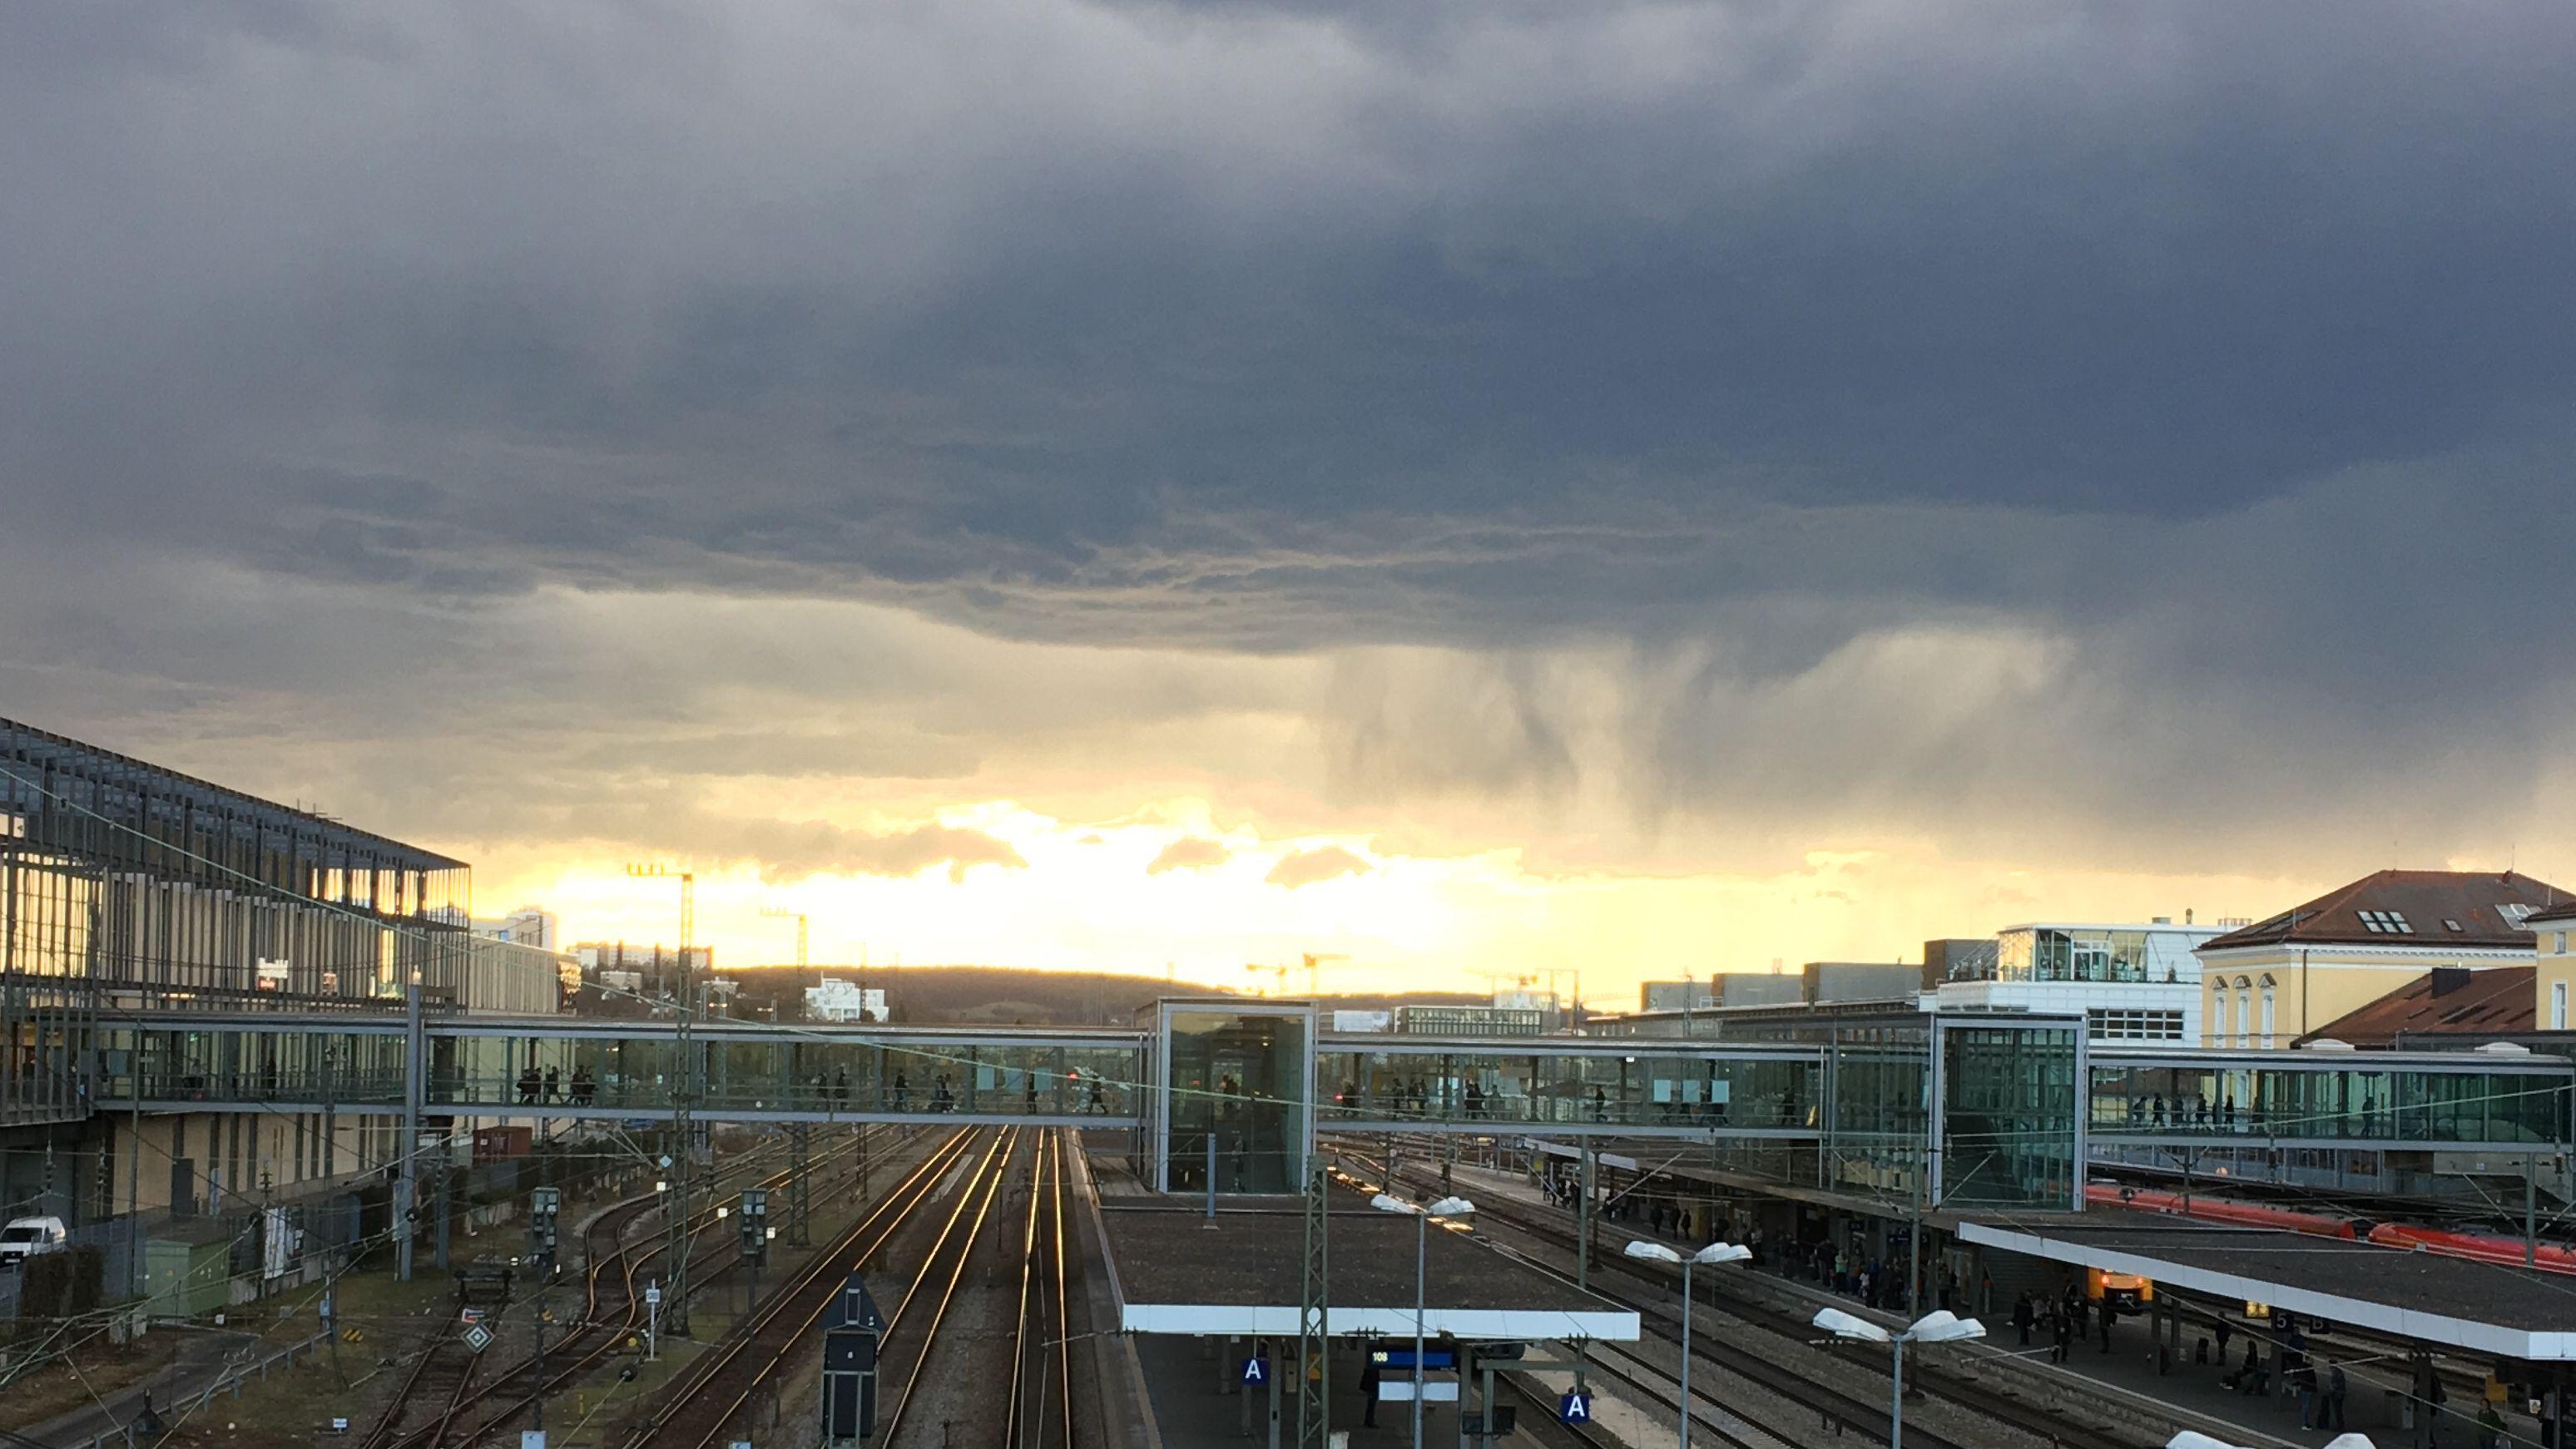 Symbolbild: Dunkle Regenwolken ziehen über Regensburg auf